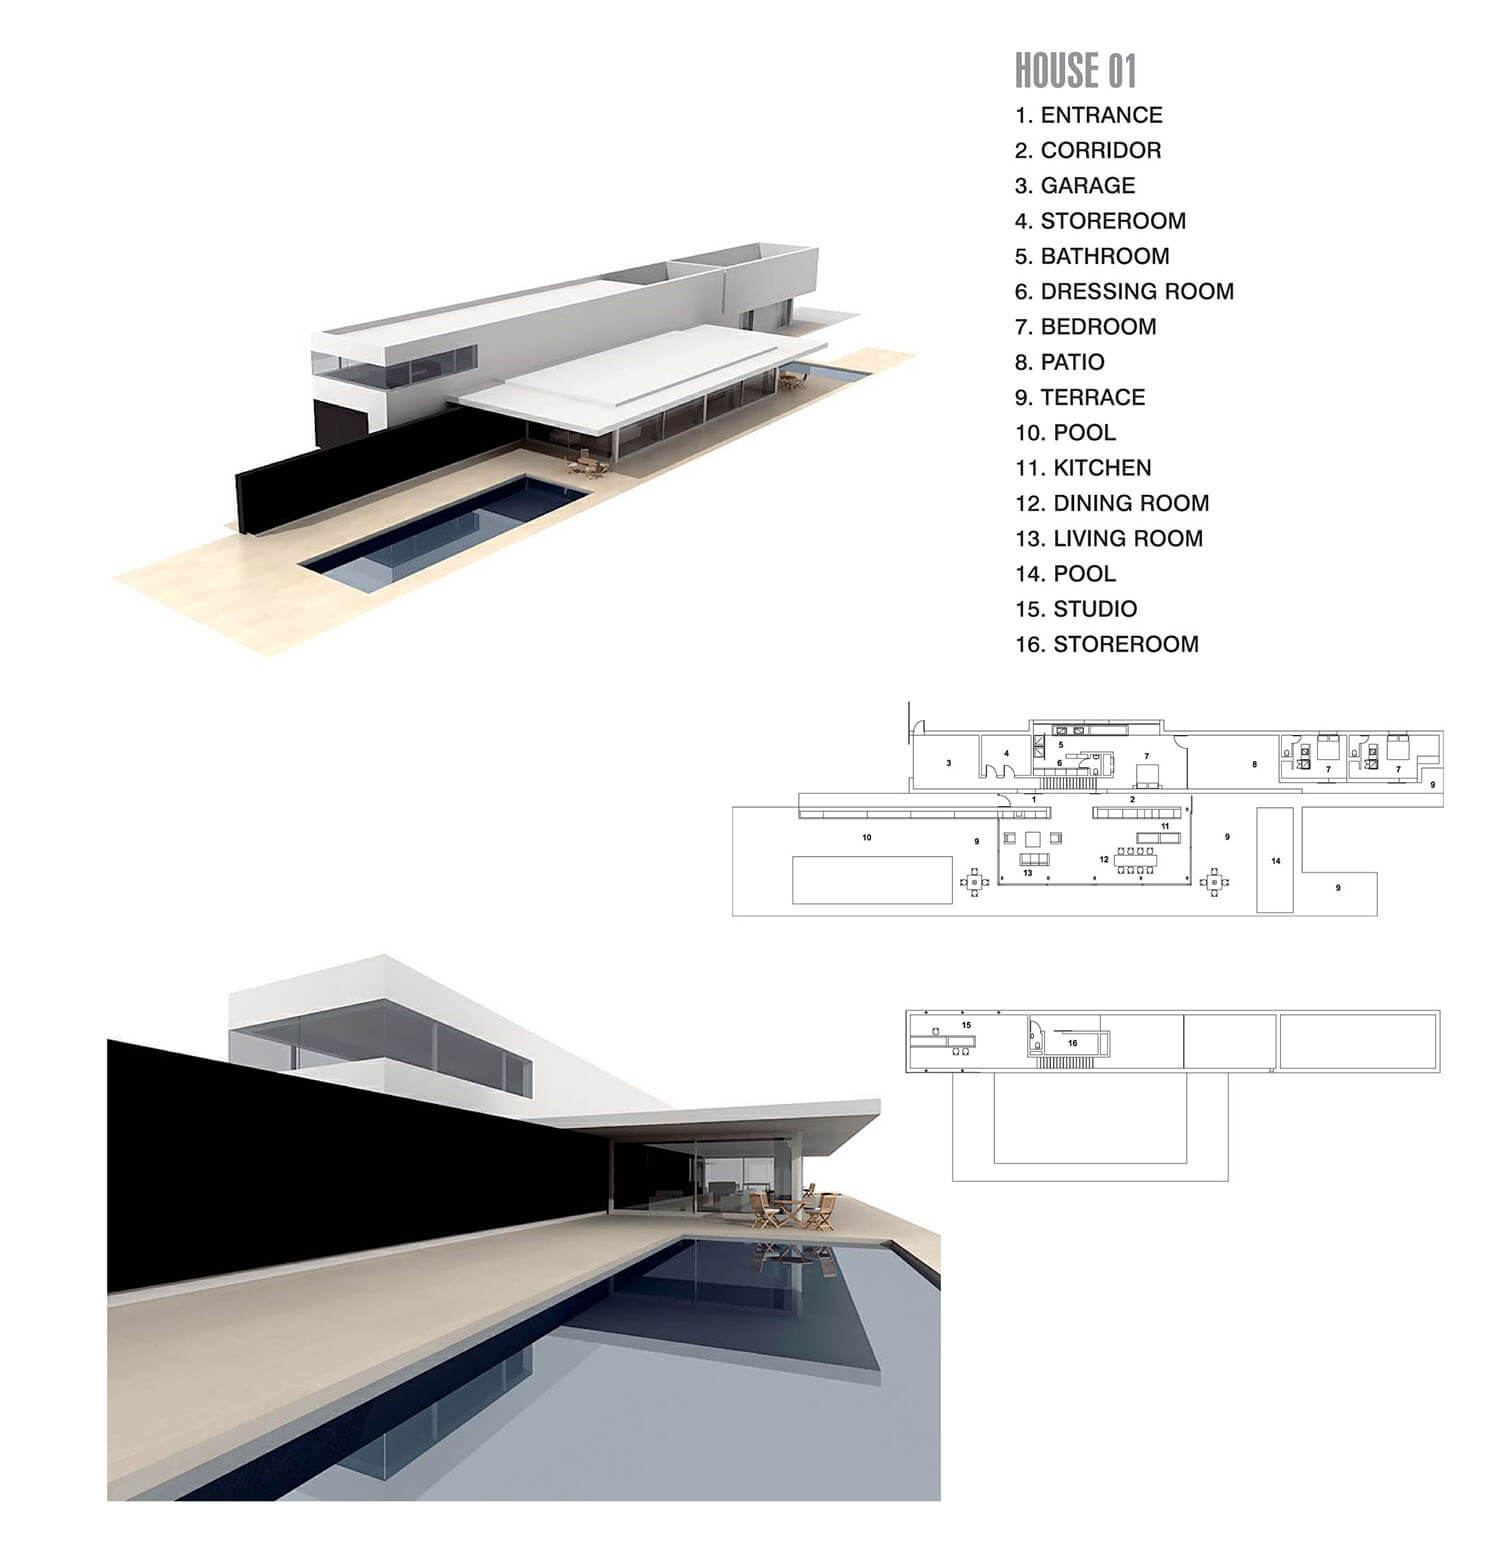 Biệt thự hình dài với bể bơi, tạo hiệu quả ấn tượng về thẩm mỹ không gian